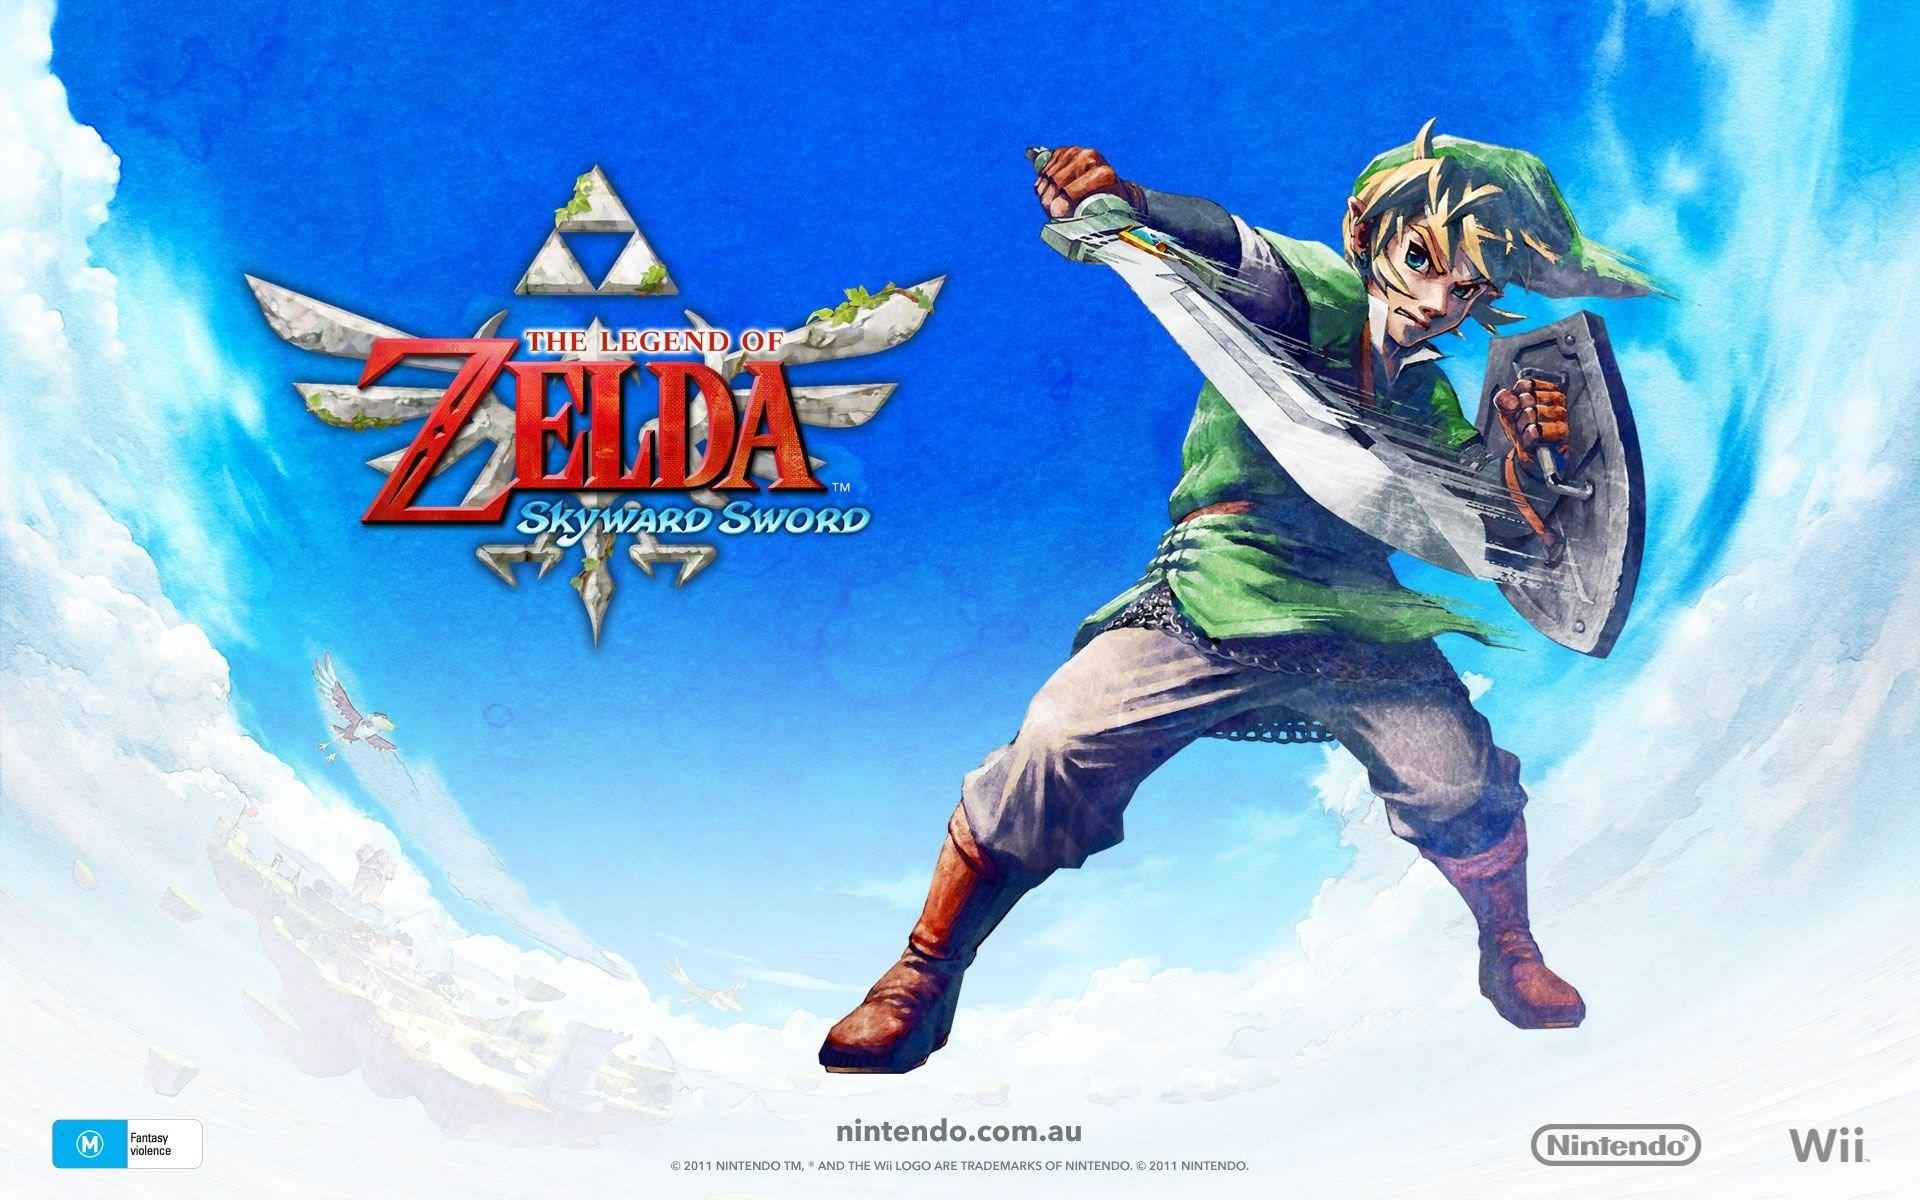 Legend Of Zelda Skyward Sword Wallpapers 977793 Desktop Background